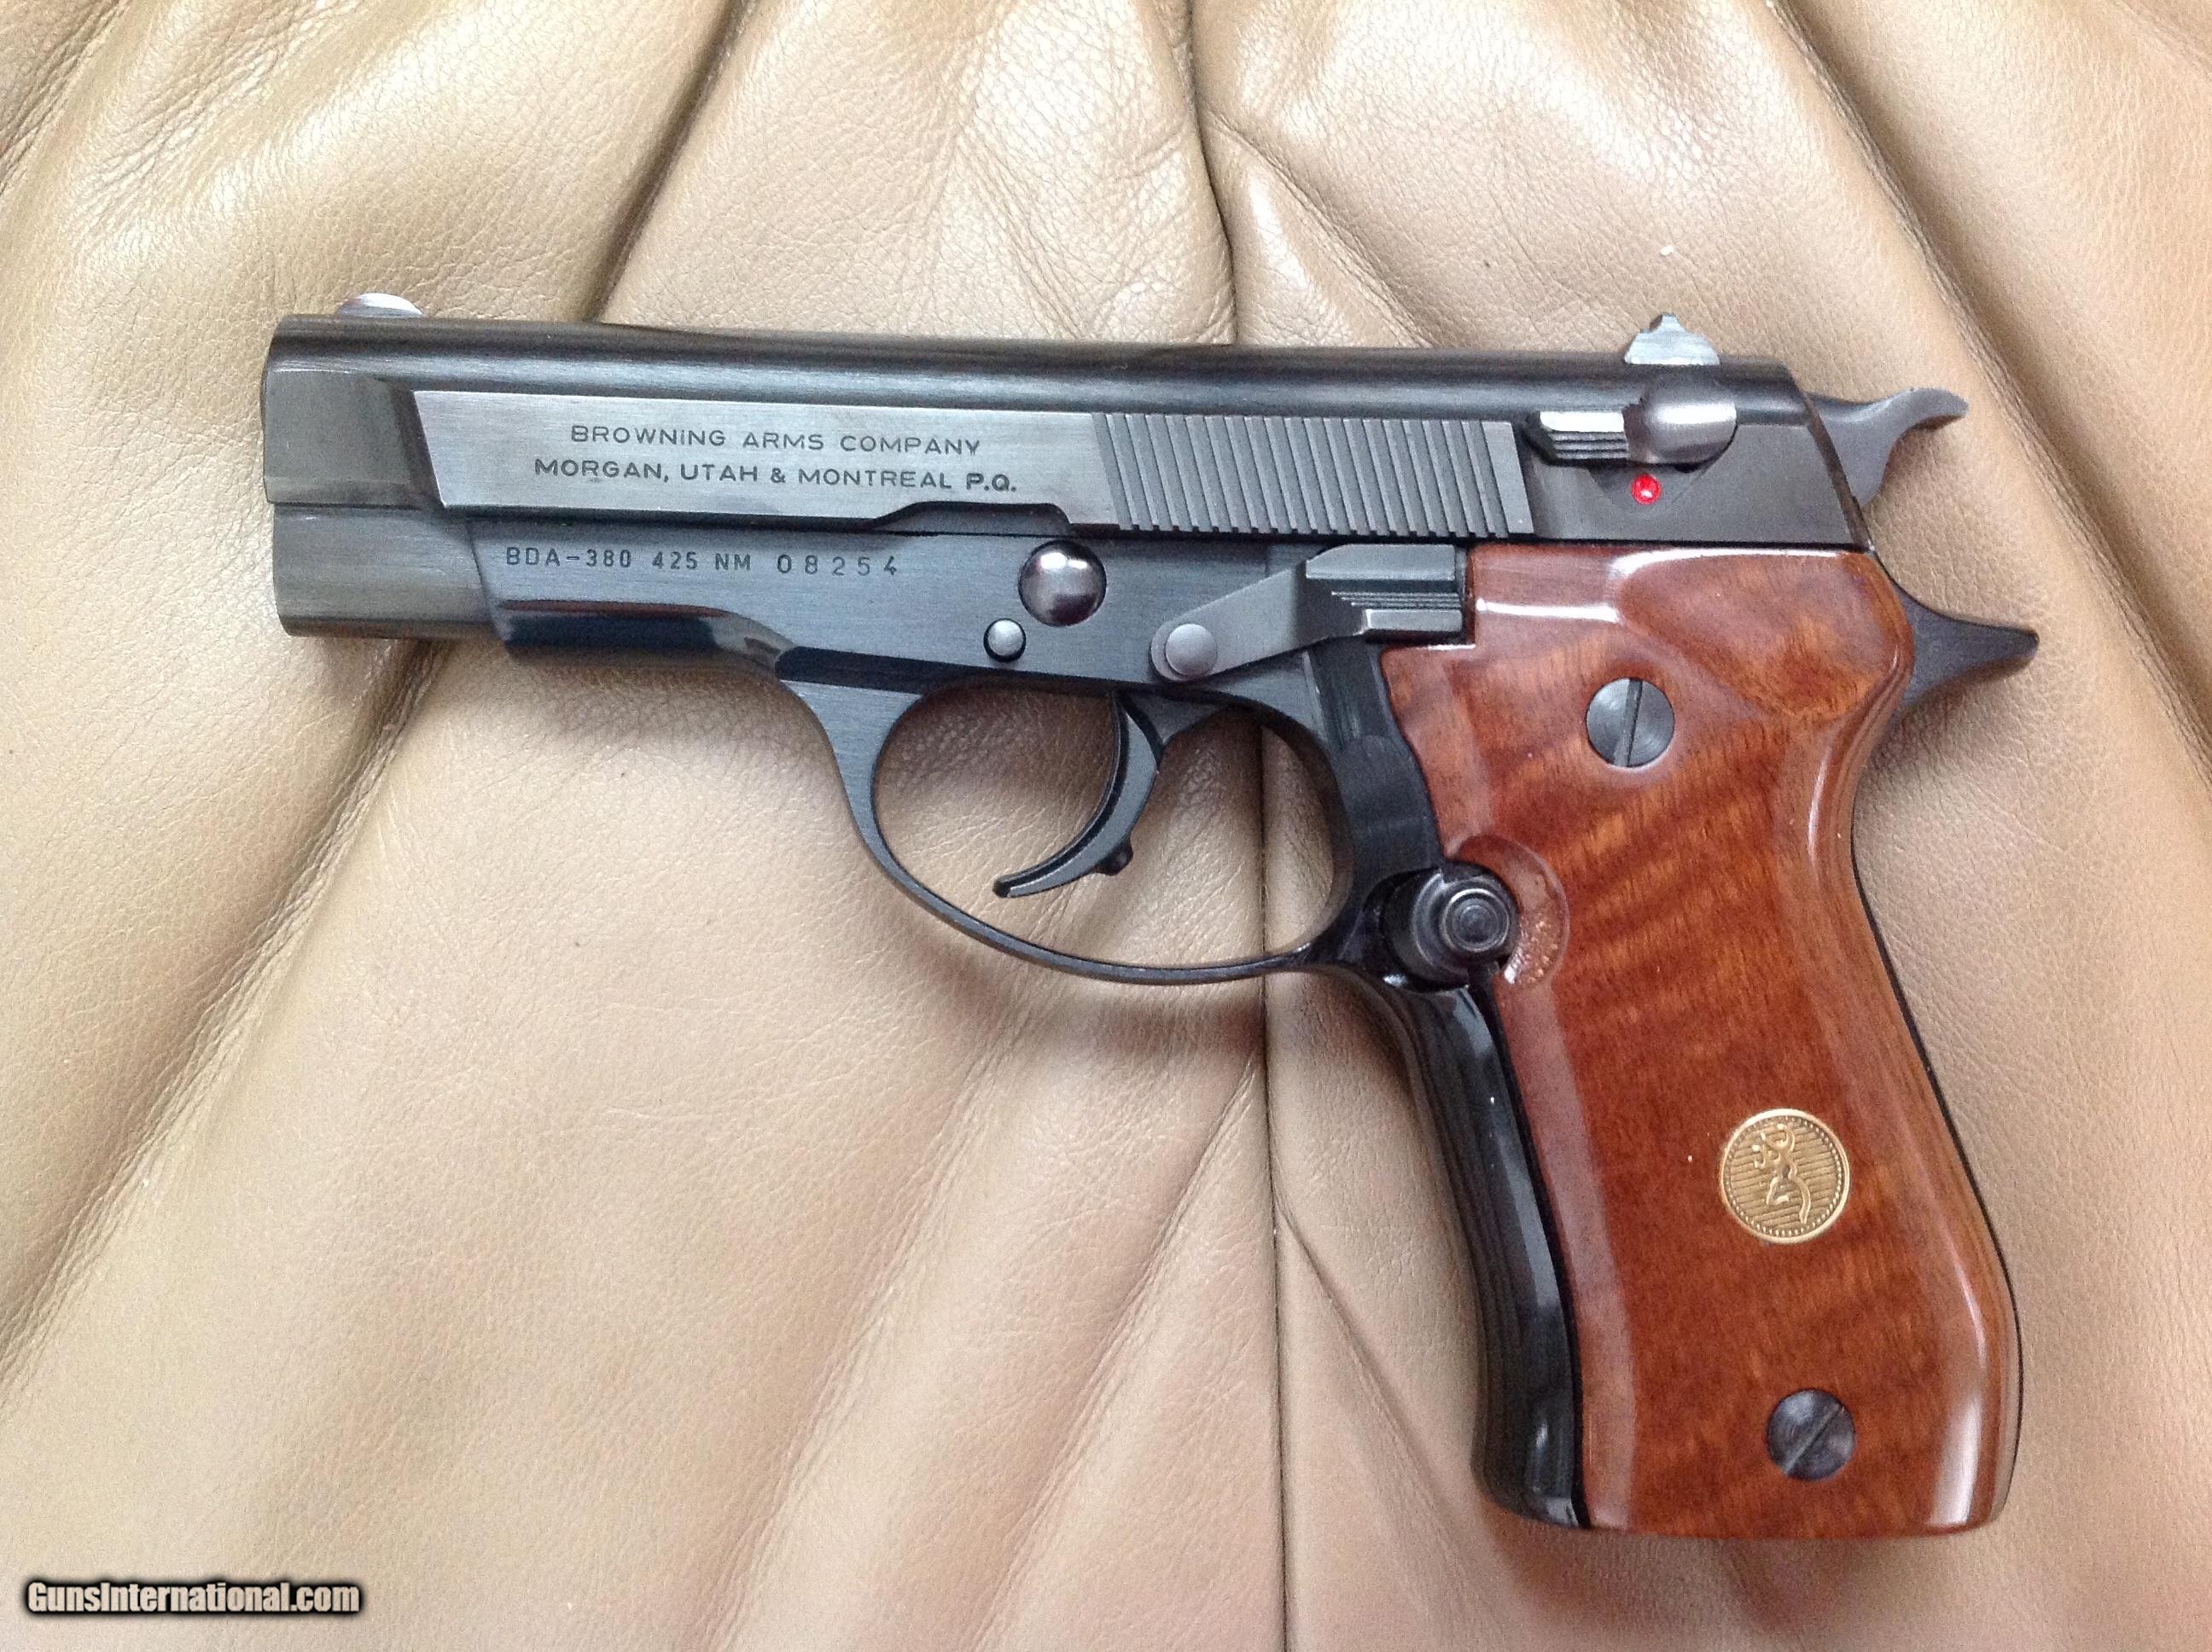 browning bda 380 auto blue 2 mag s 13 shot owners manual etc rh gunsinternational com Llama 45 Cal Pistol Llama 45 Caliber Handguns Sale